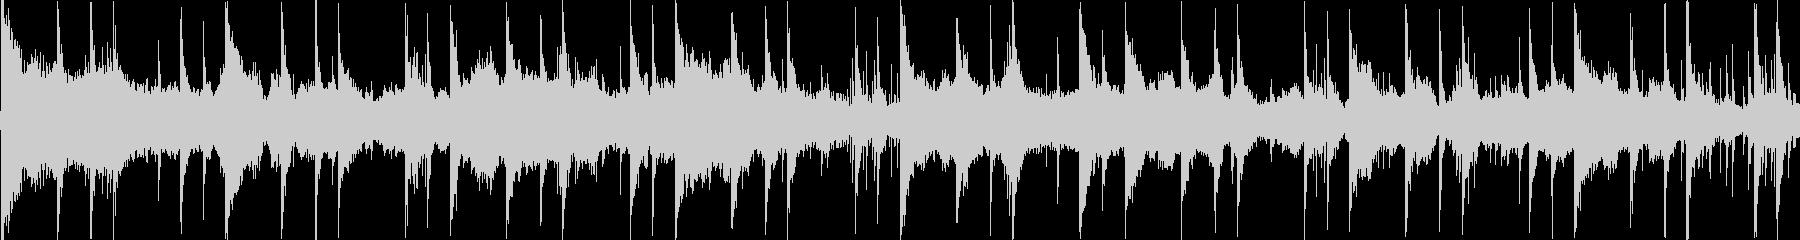 細かく刻まれたリズムをもとにした楽曲で…の未再生の波形